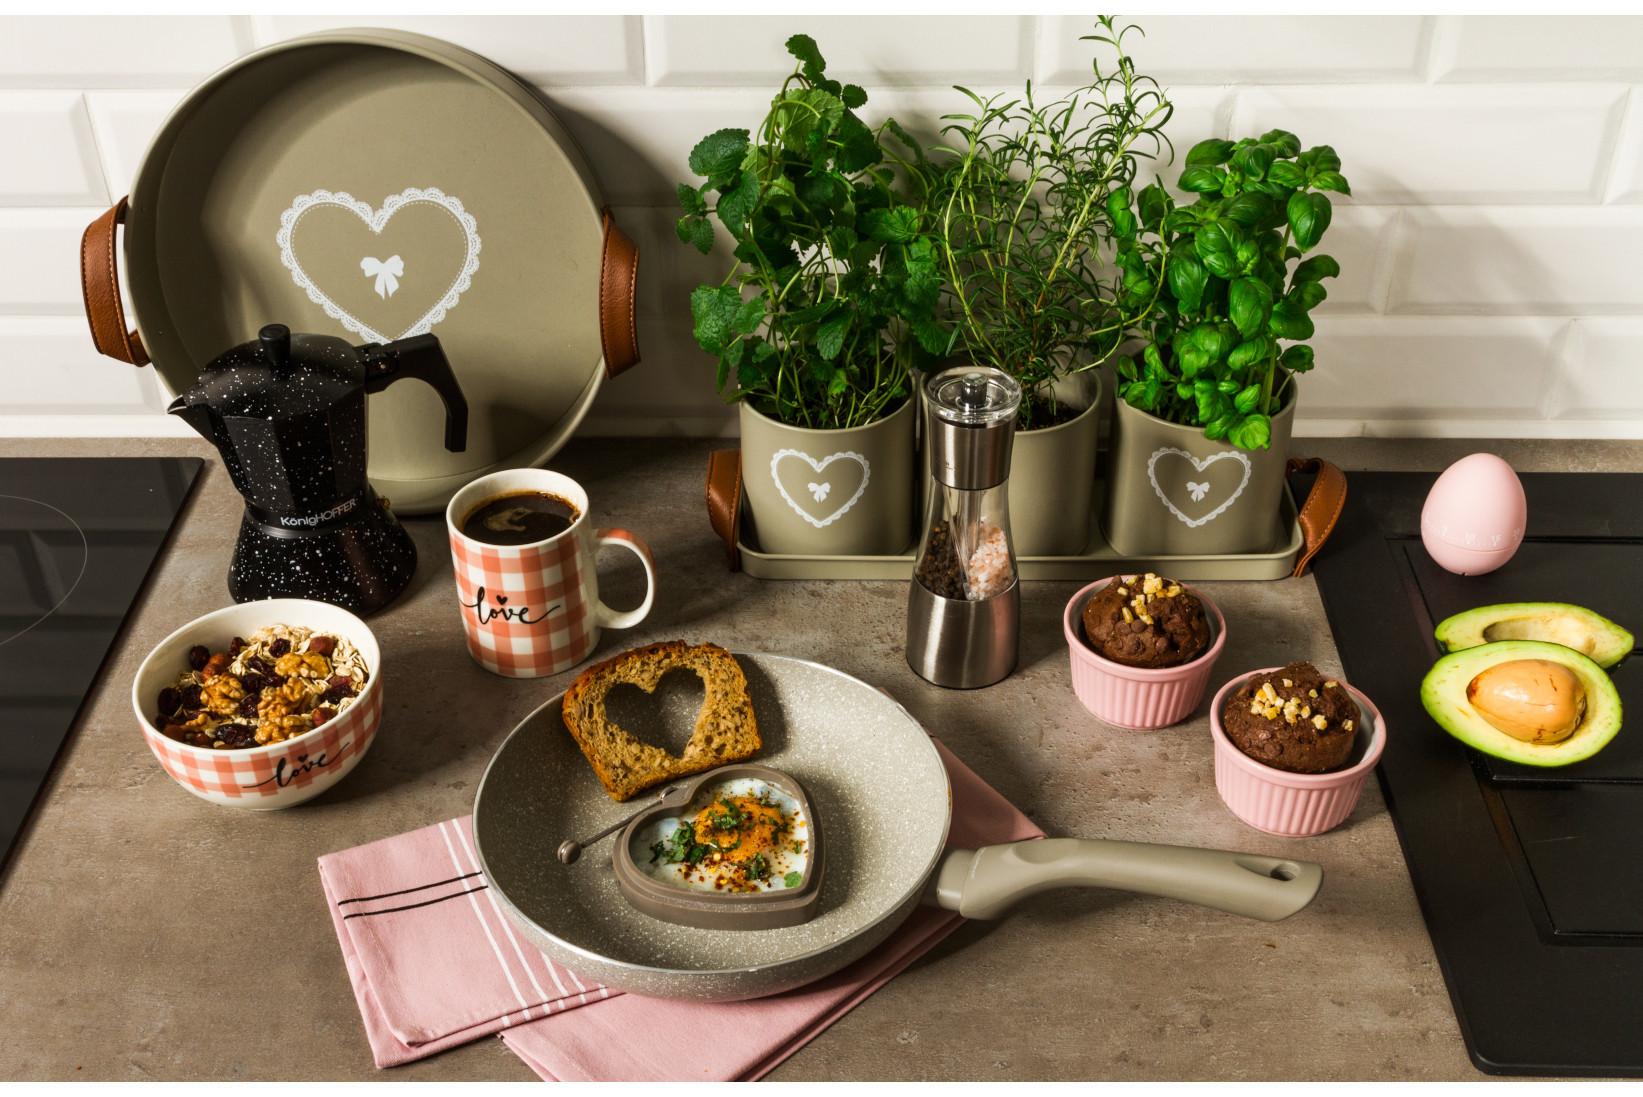 śniadanie Do łóżka Czyli Przepis Na Walentynkowy Poranek